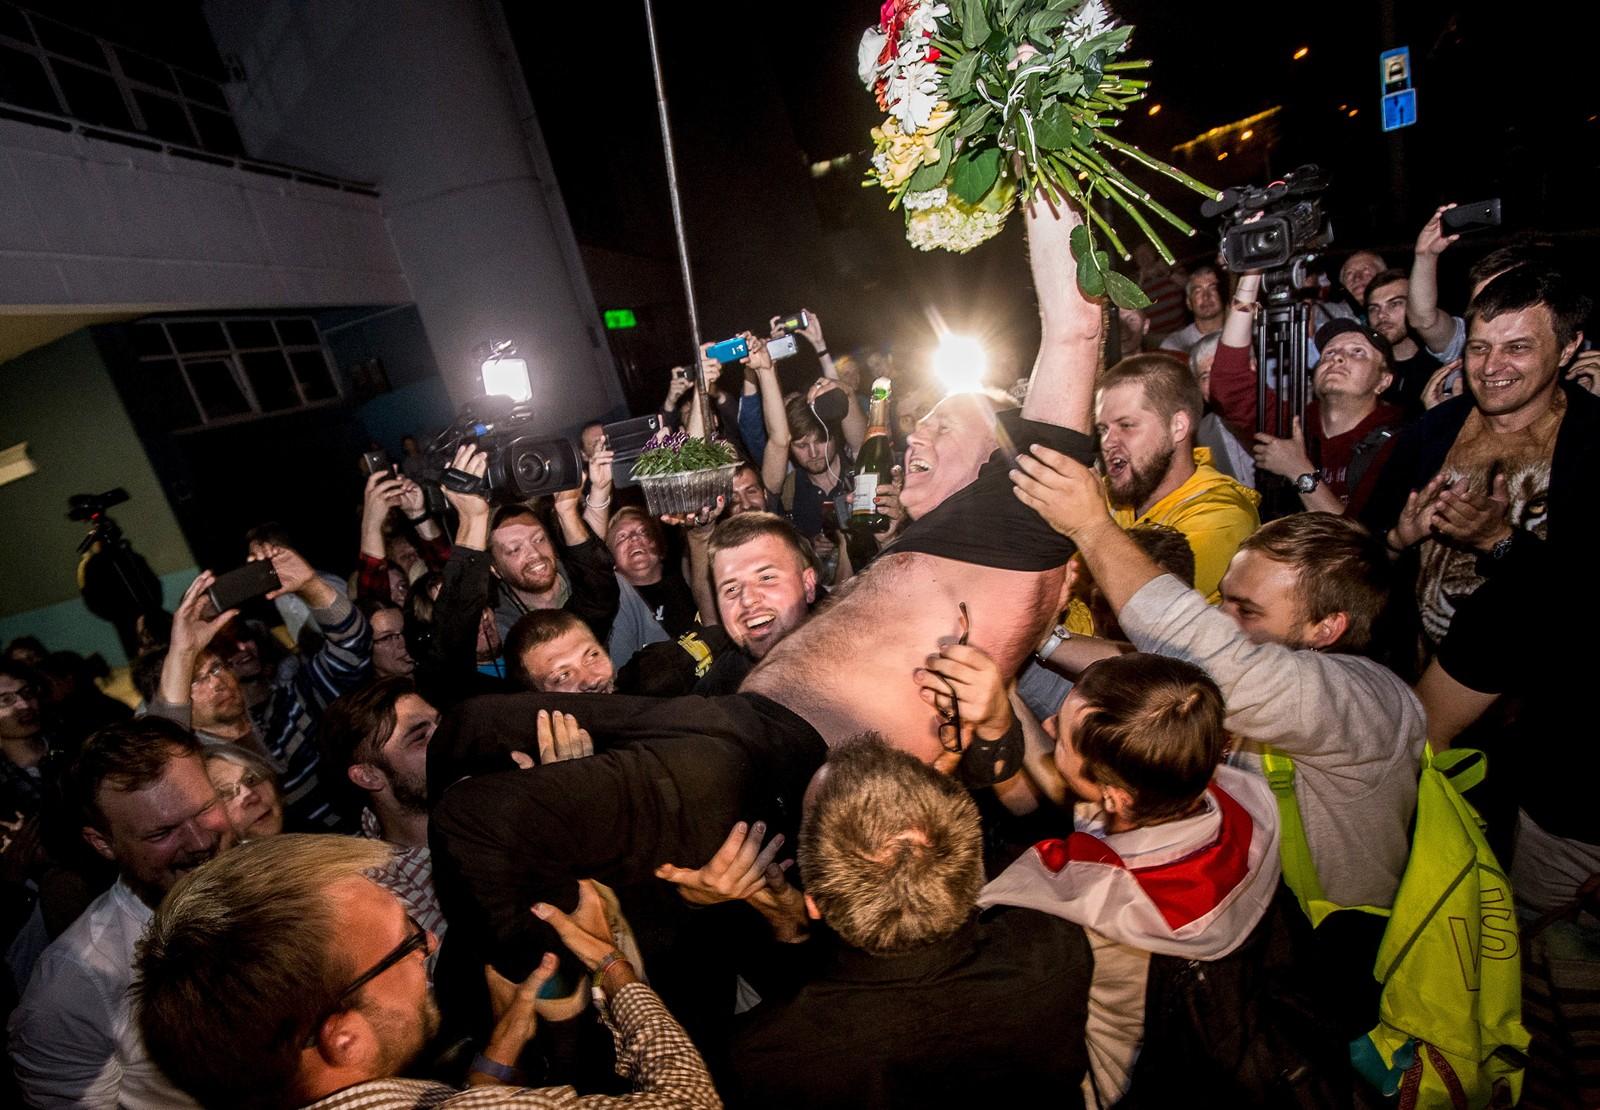 Opposisjonspolitiker Nikolai Statkevich stilte som kandidat til presidentvalget i Hviterussland i 2010, noe som førte til fengselsstraff i det lukkede landet. Denne uka ble han og flere andre opposisjonspolitikere benåda av Hviterusslands president Aleksander Lukashenko. Venner møtte opp og feira Statkevich utenfor fengselet i Minsk.